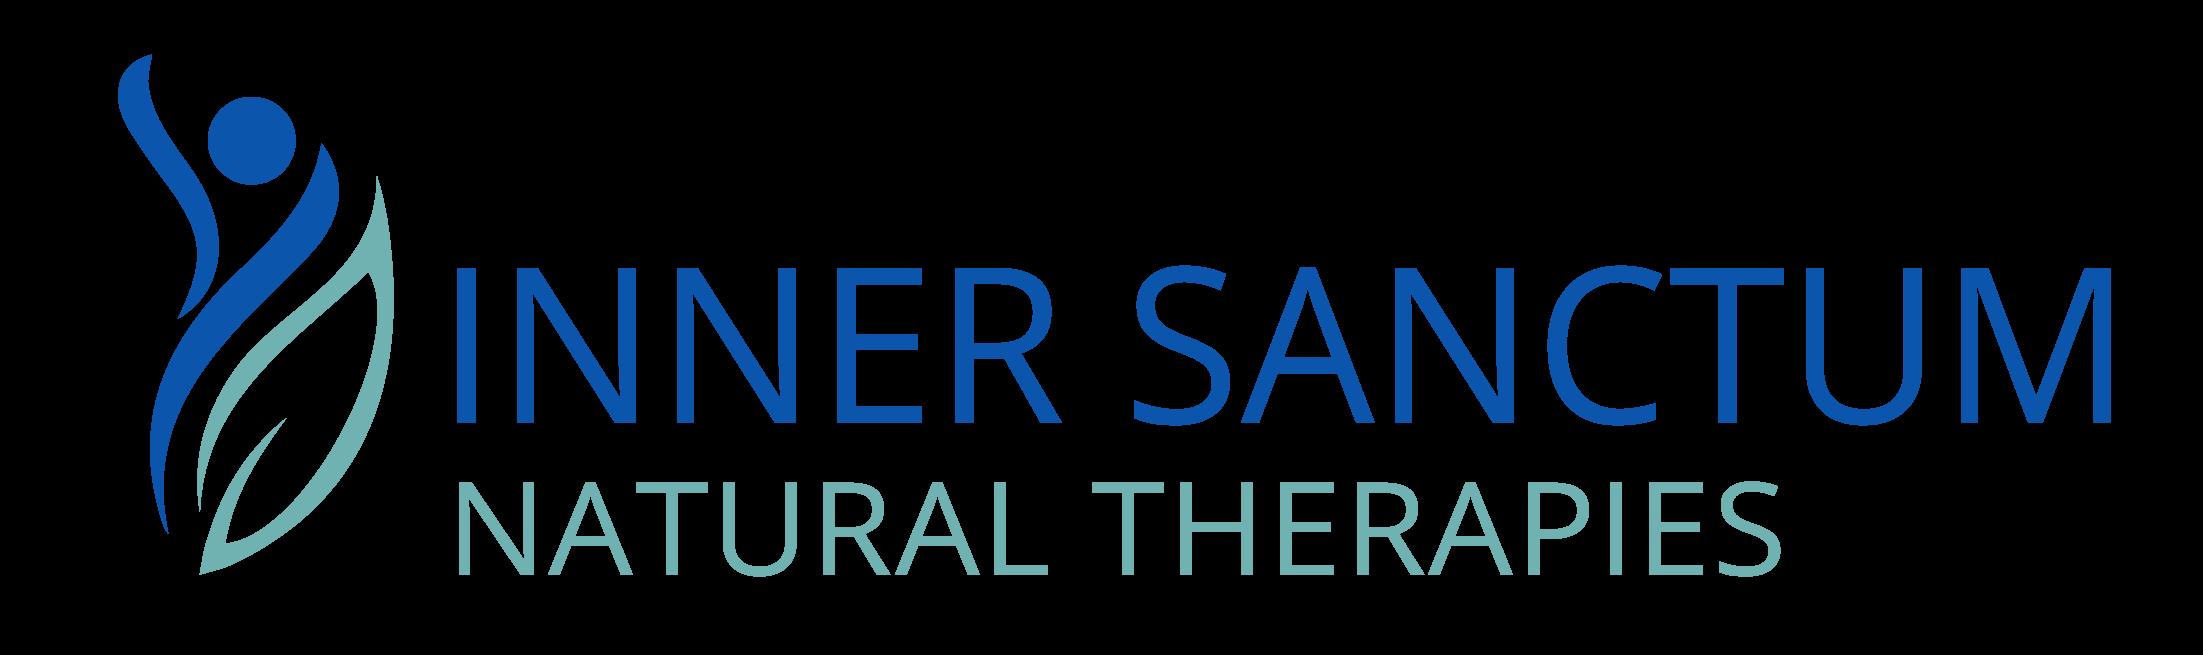 Inner Sanctum Natural Therapies